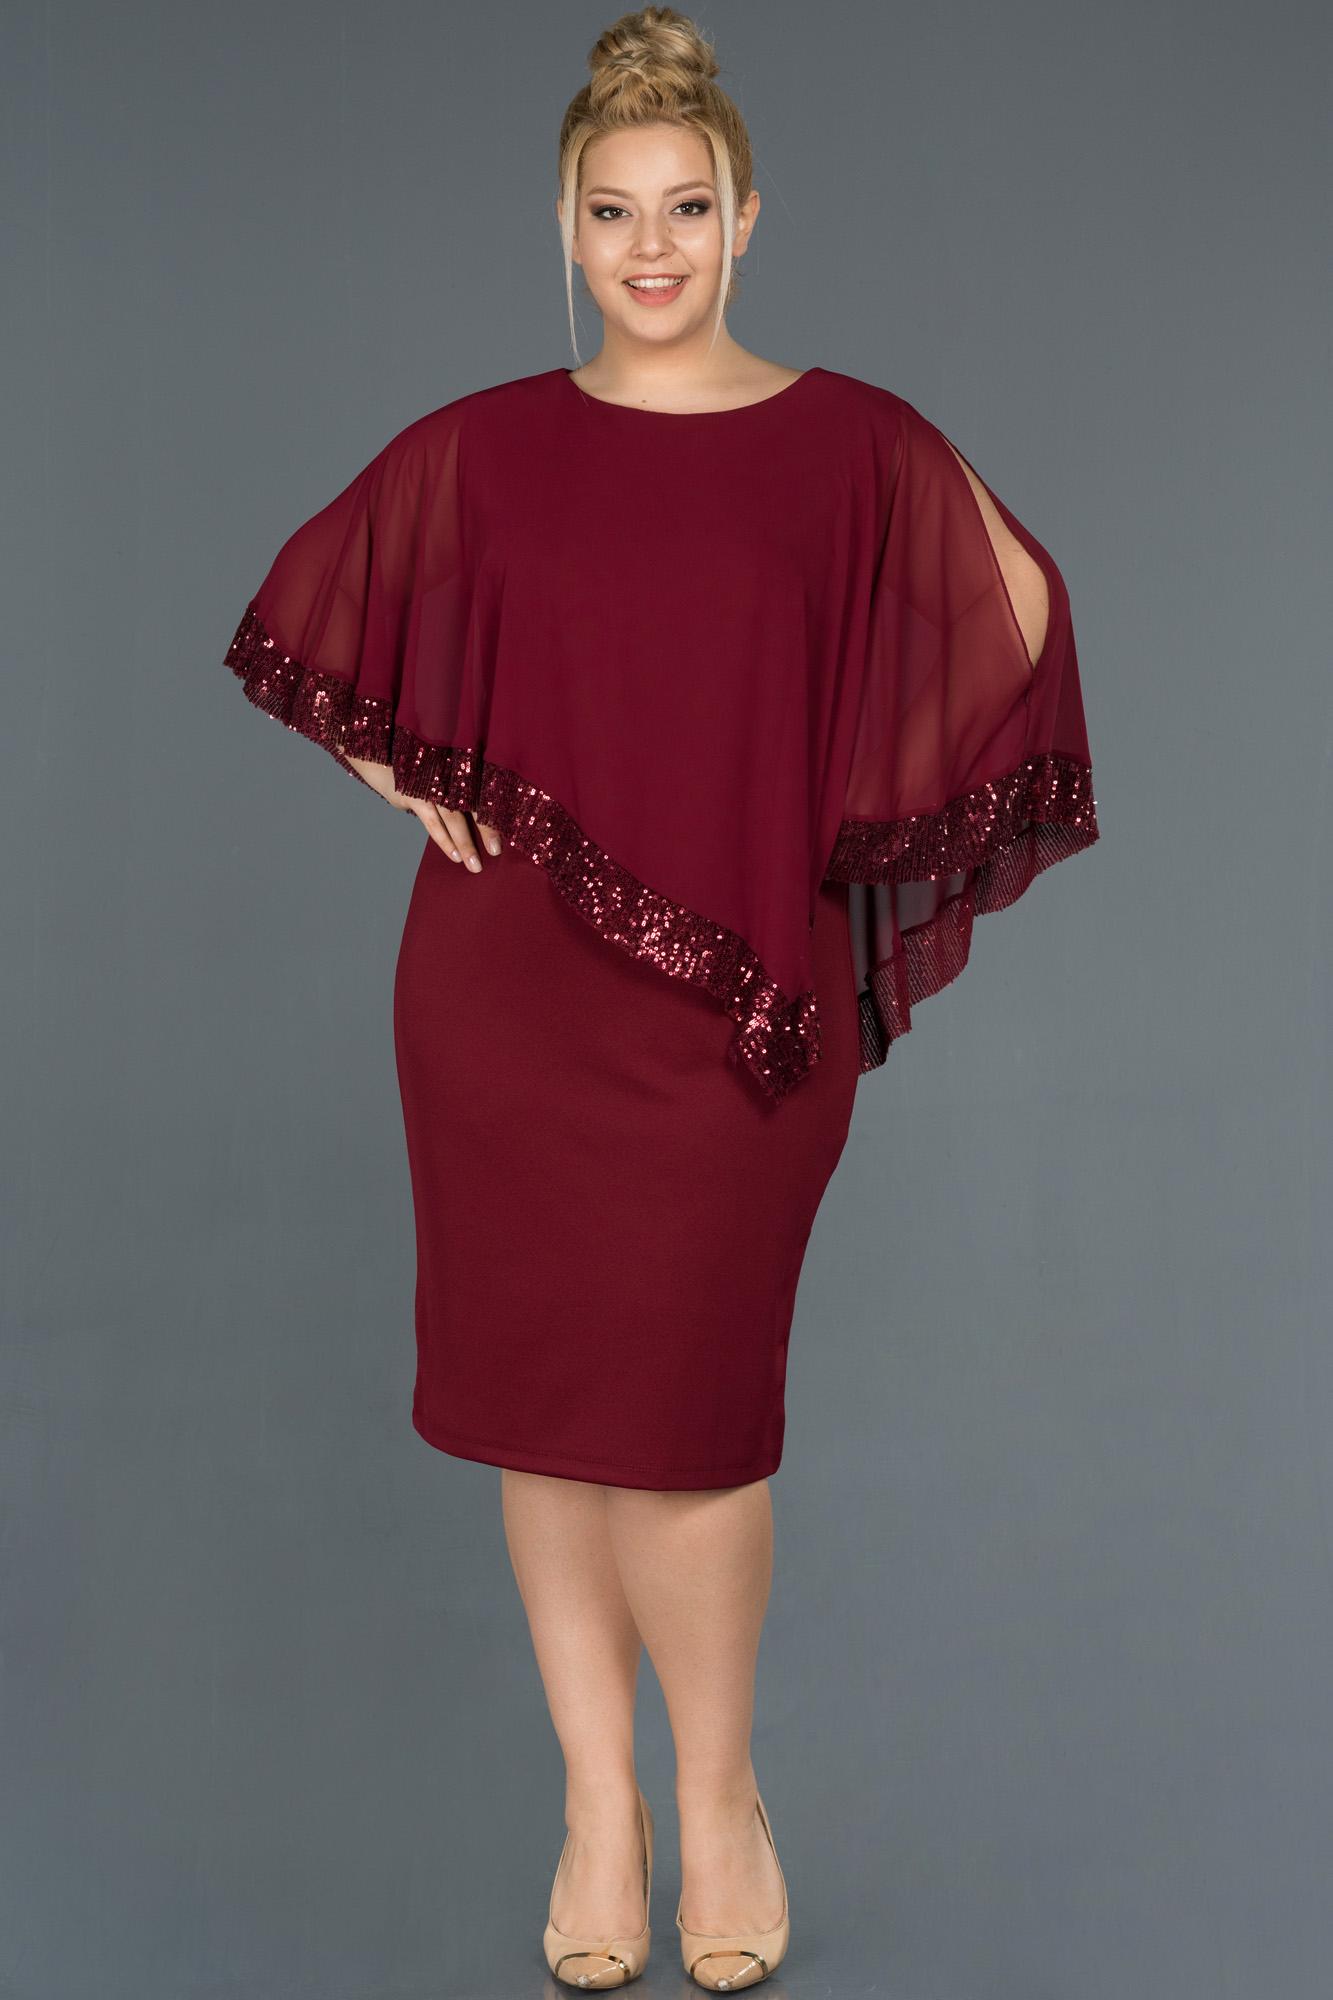 Bordo Kısa Panço Detaylı Büyük Beden Elbise